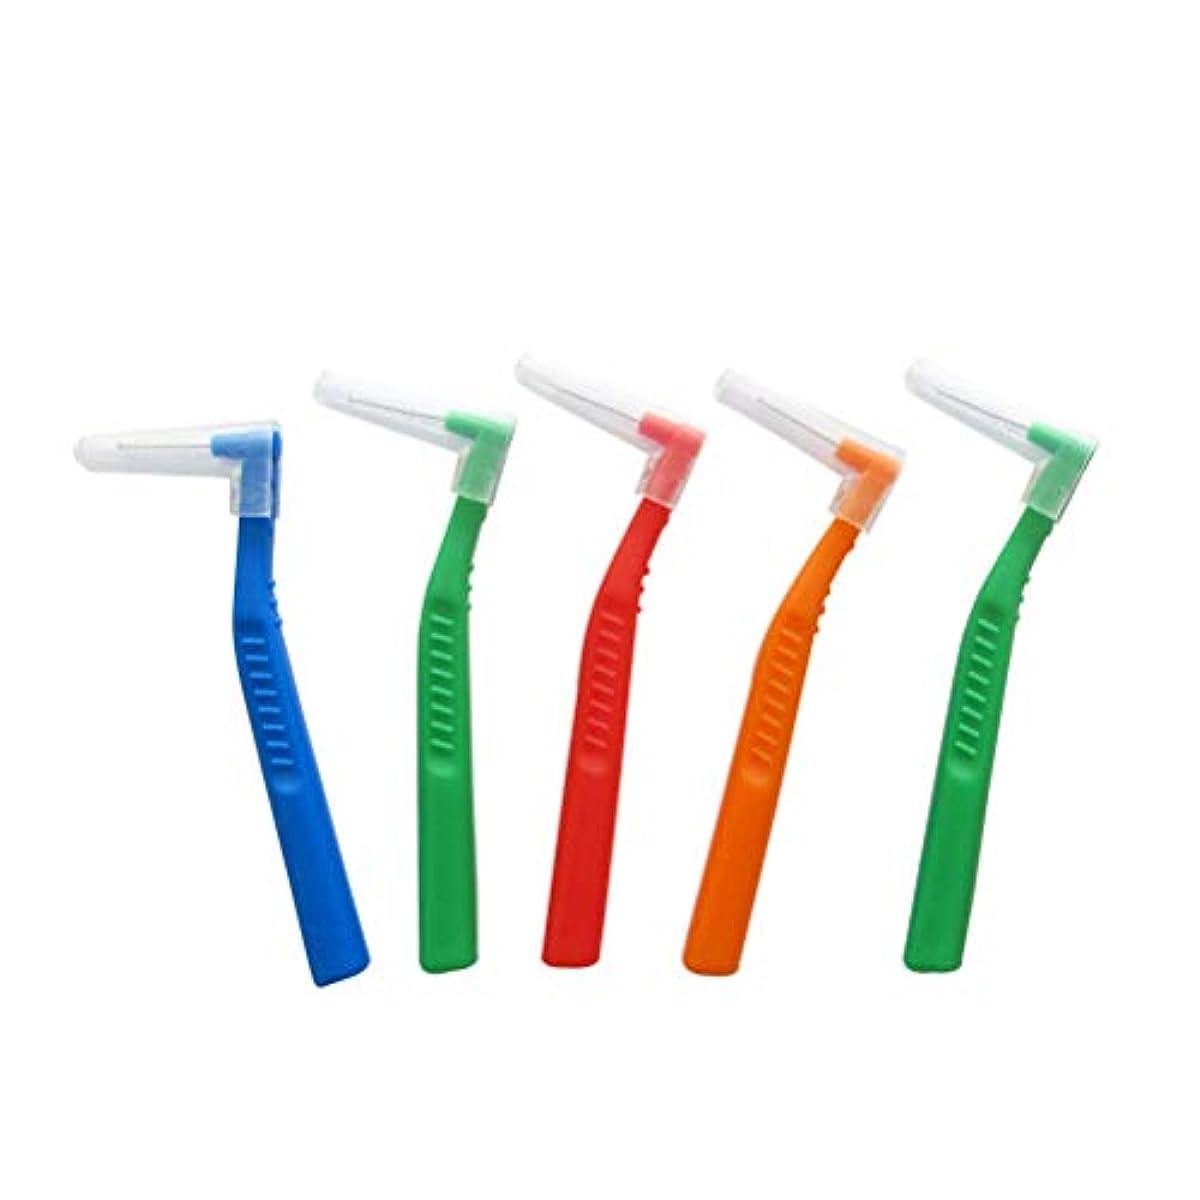 倫理的オプショナル溶かすHEALIFTY デンタルフロスピック5個の歯間ブラシクリーナー食品デブリフロスブラシ歯科口腔ケアツール(ランダムカラー)